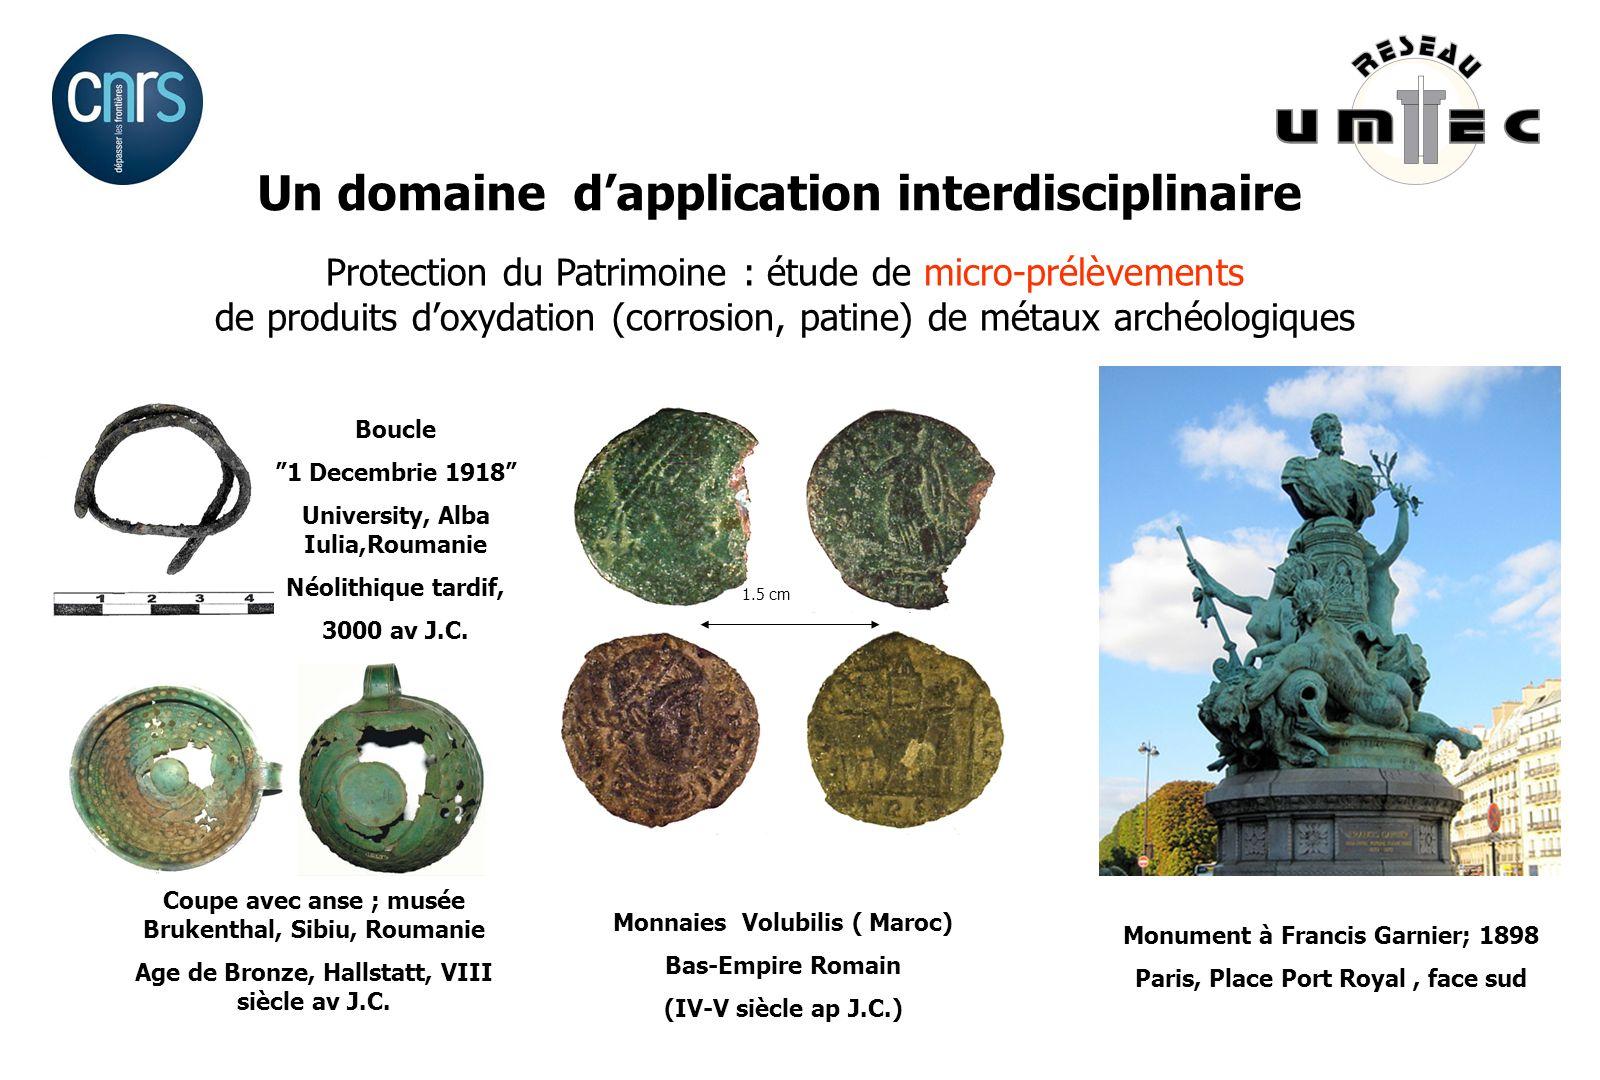 Monnaies Volubilis ( Maroc) Bas-Empire Romain (IV-V siècle ap J.C.) 1.5 cm Monument à Francis Garnier; 1898 Paris, Place Port Royal, face sud Coupe av